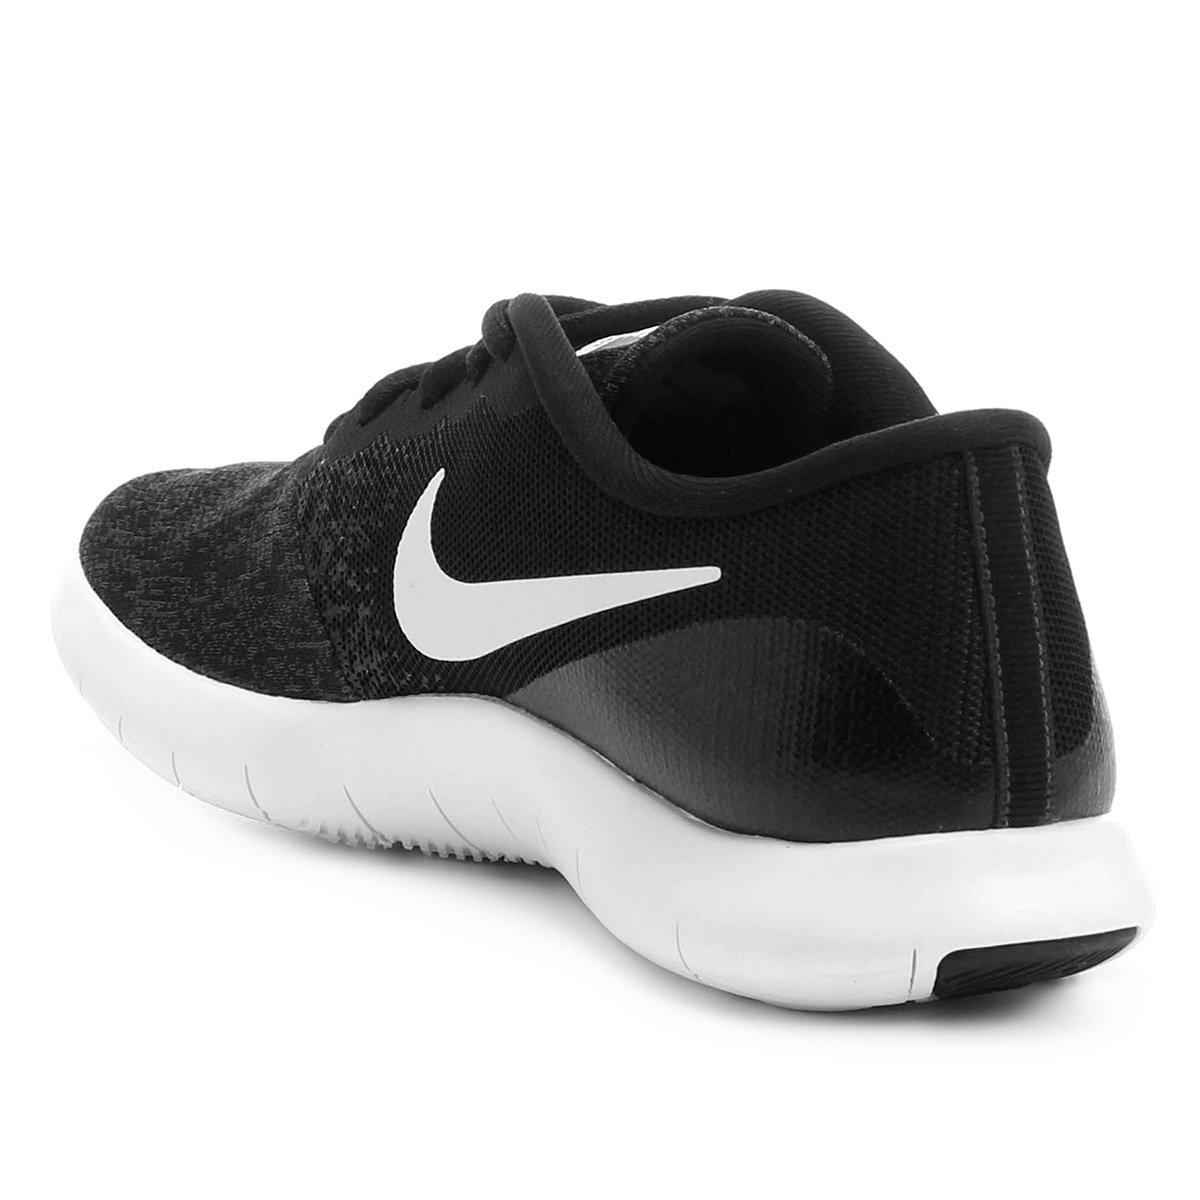 Tênis Nike Flex Contact Feminino - Compre Agora  76132f6a3d4c5